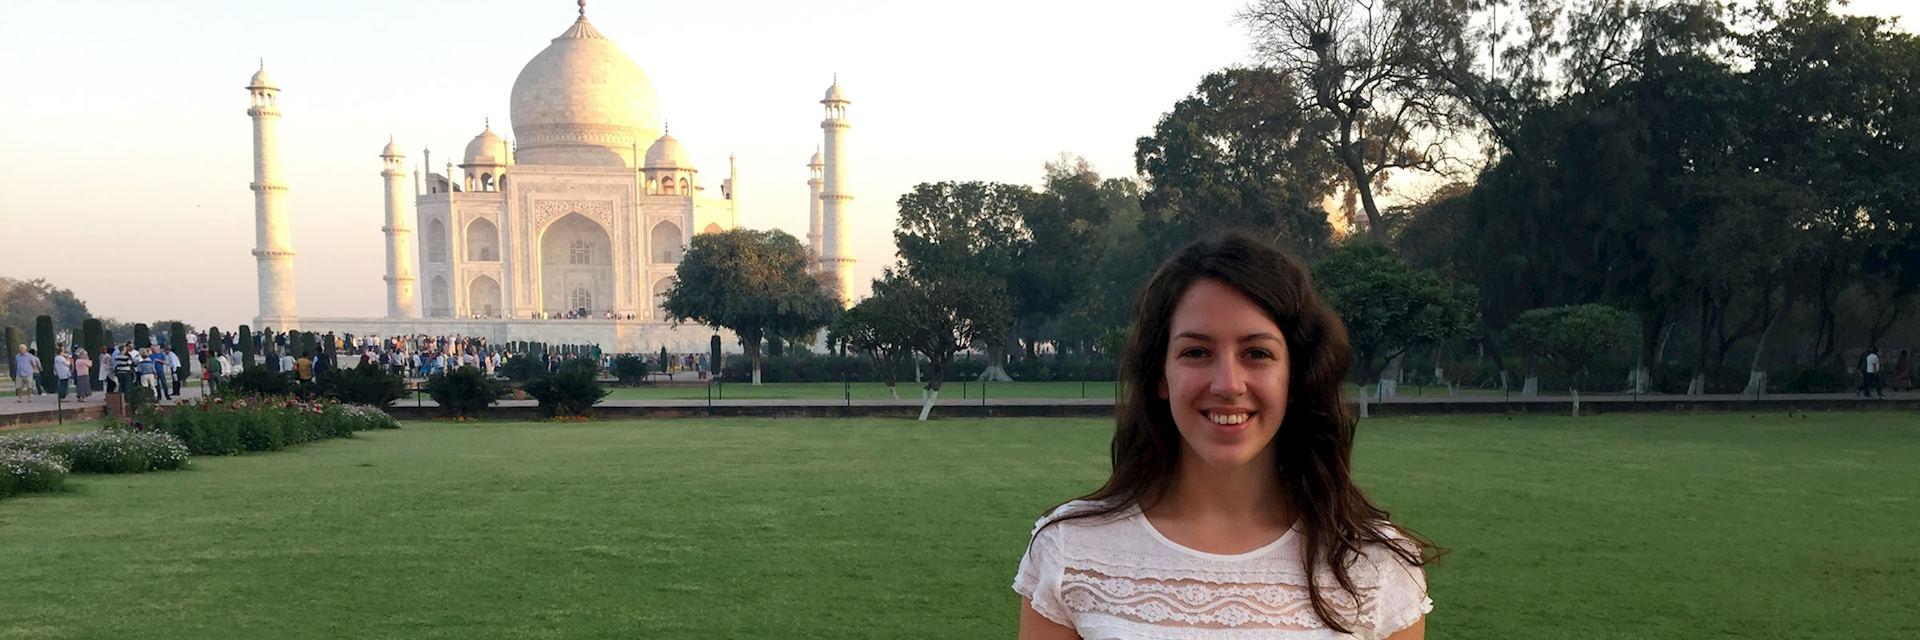 Jen at the Taj Mahal, India